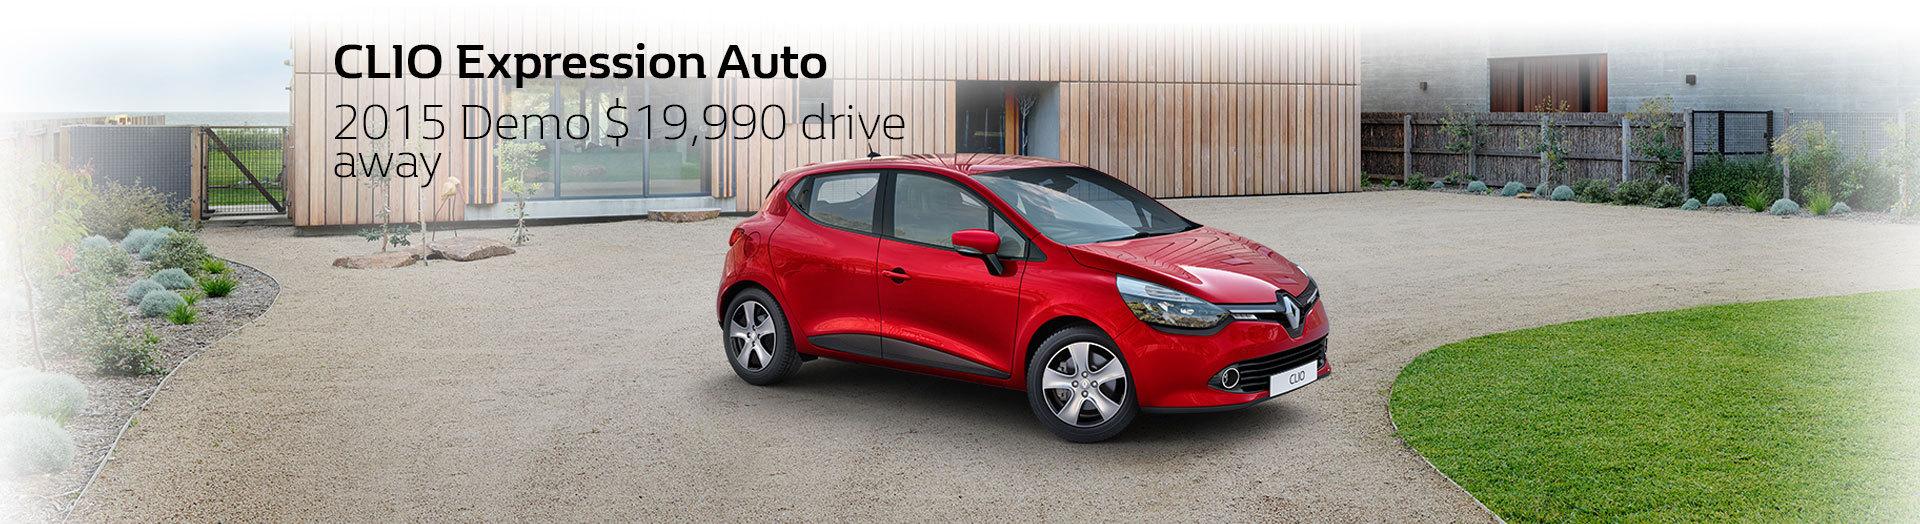 CLIO Expression Auto Demo $19,990